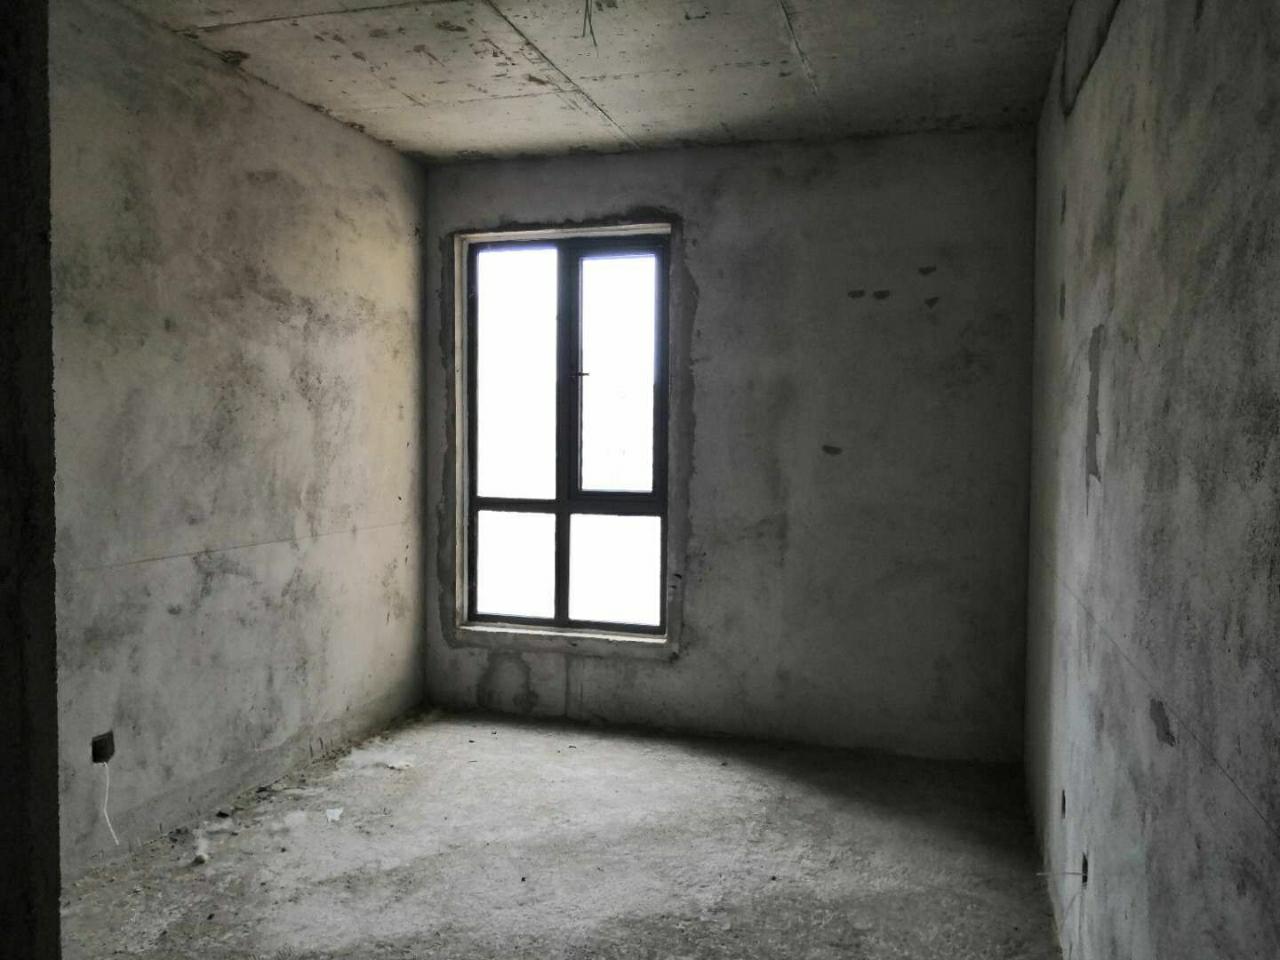 華儒幸福時代三室套房出售